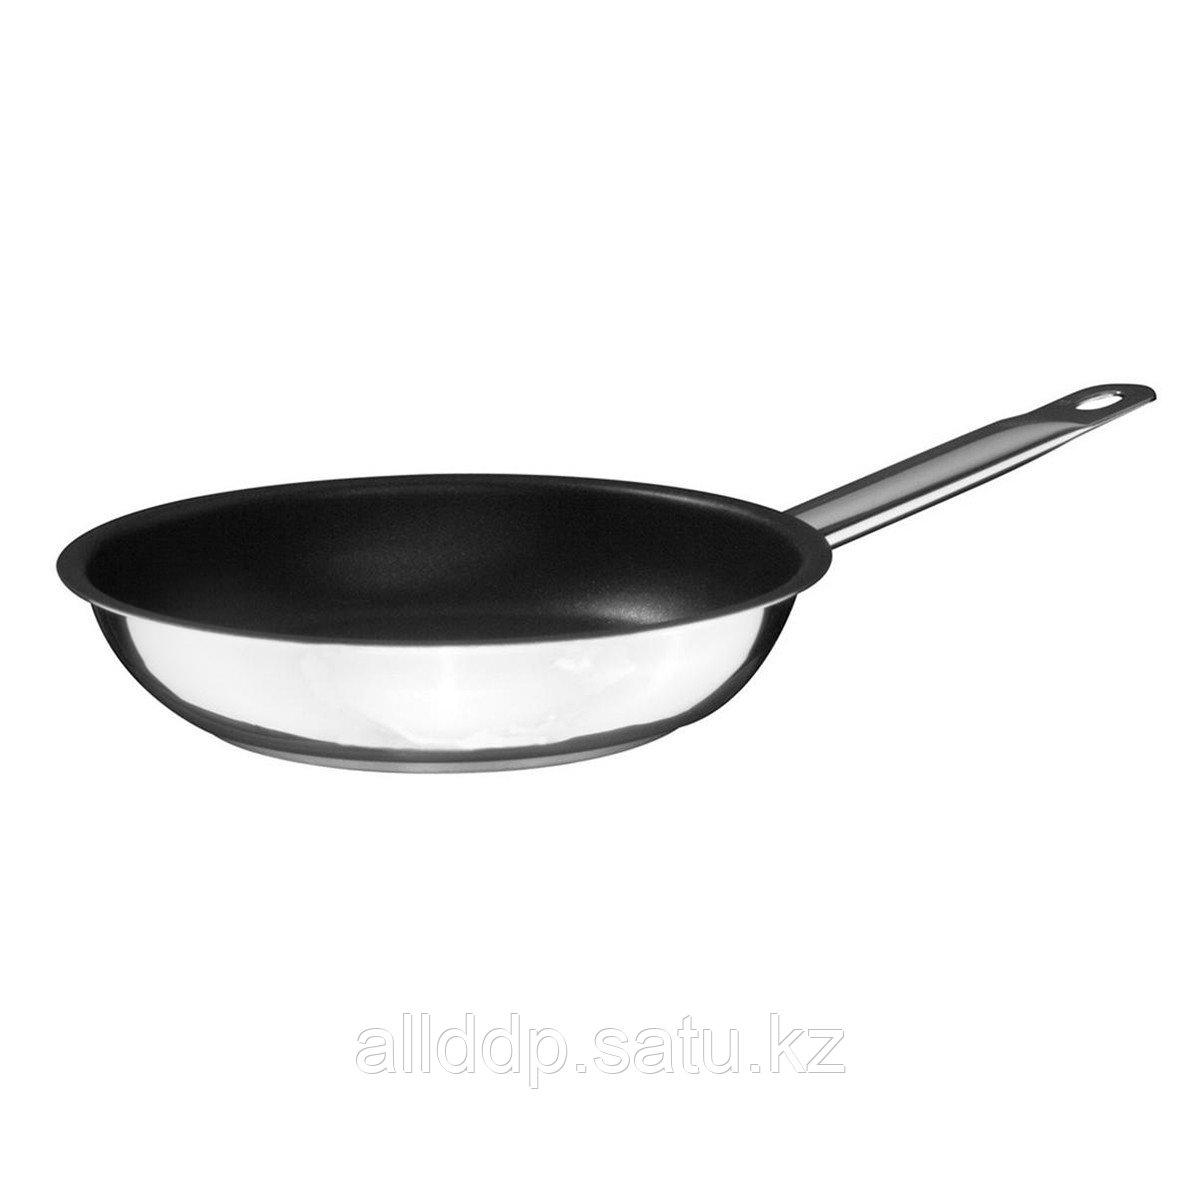 Сковорода профессиональная, 34 см, сталь, тефл.покрытие